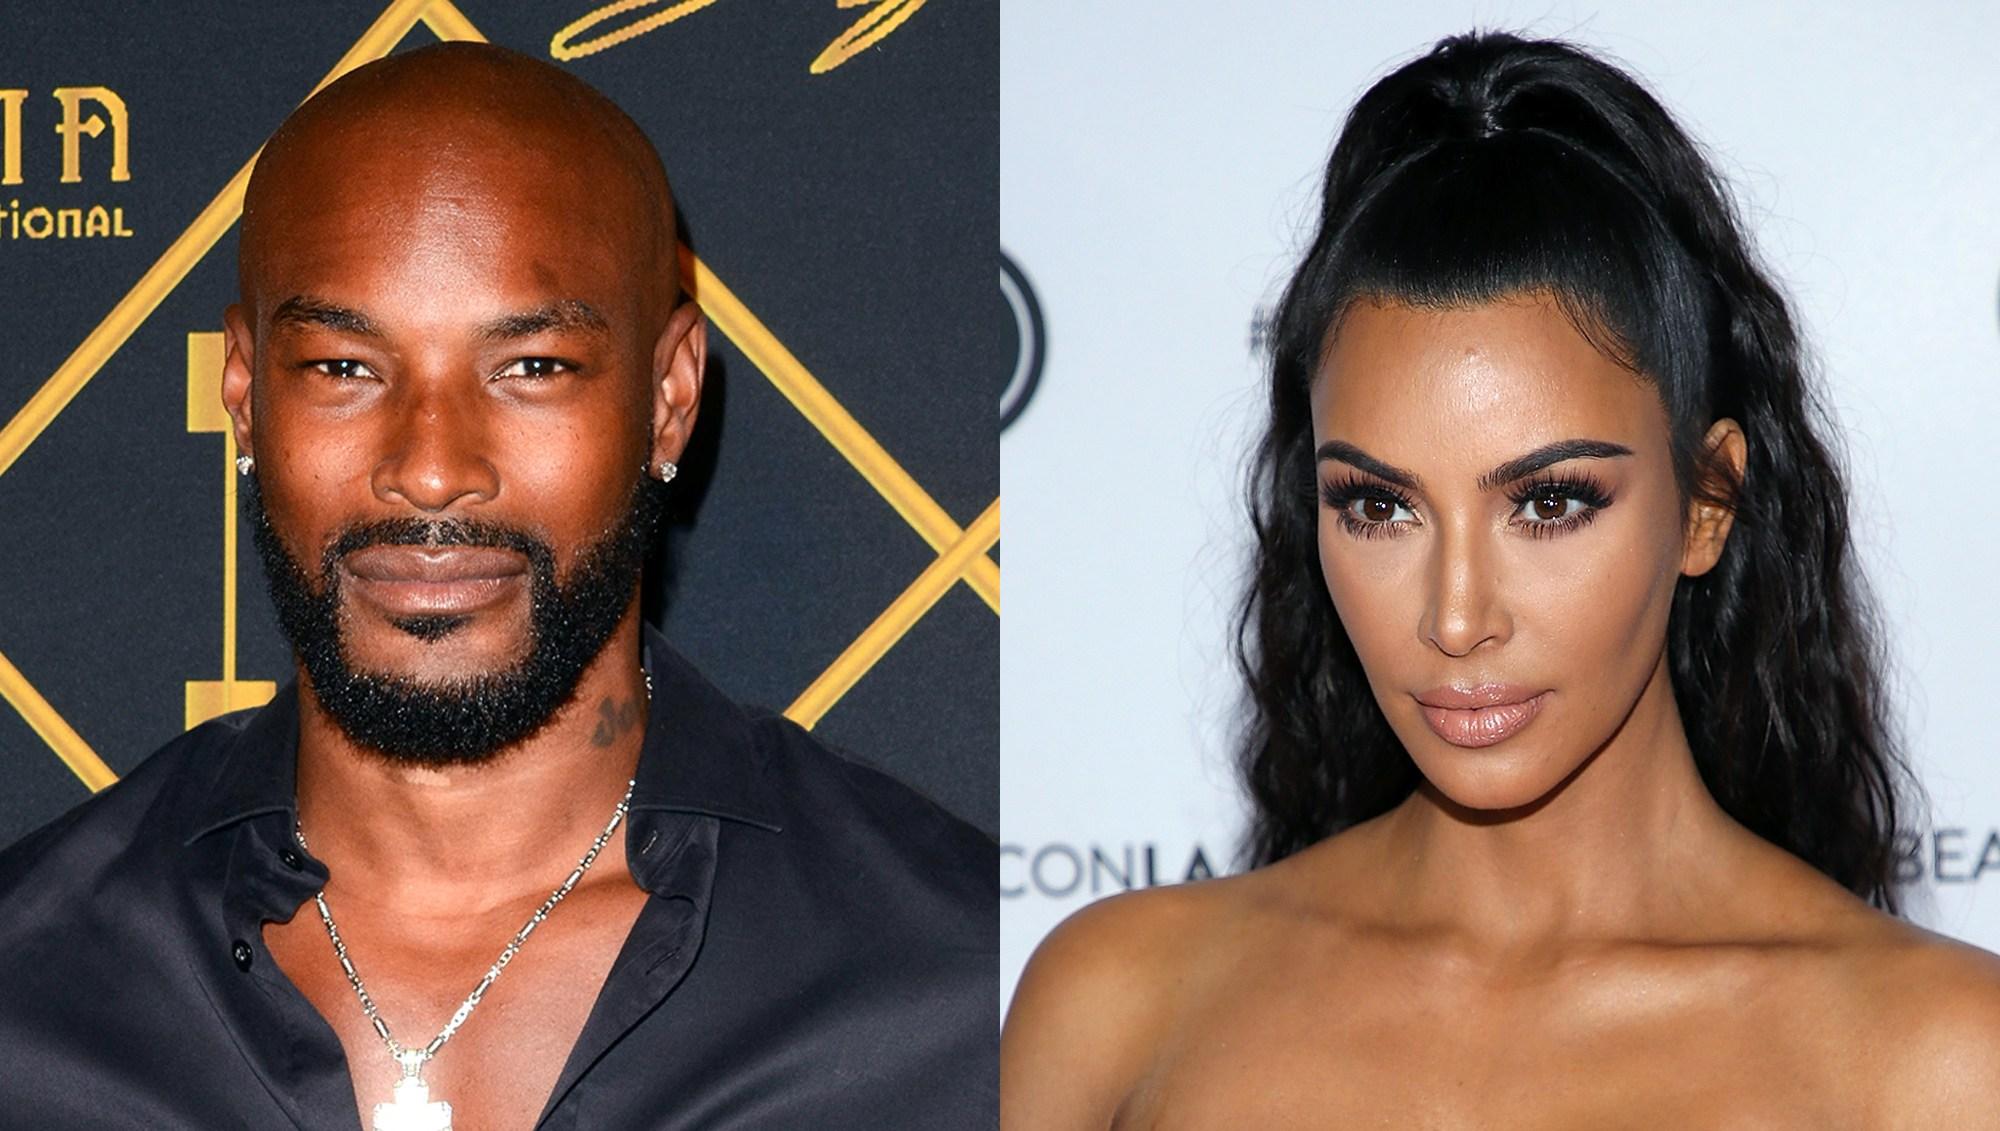 Tyson Beckford and Kim Kardashian.